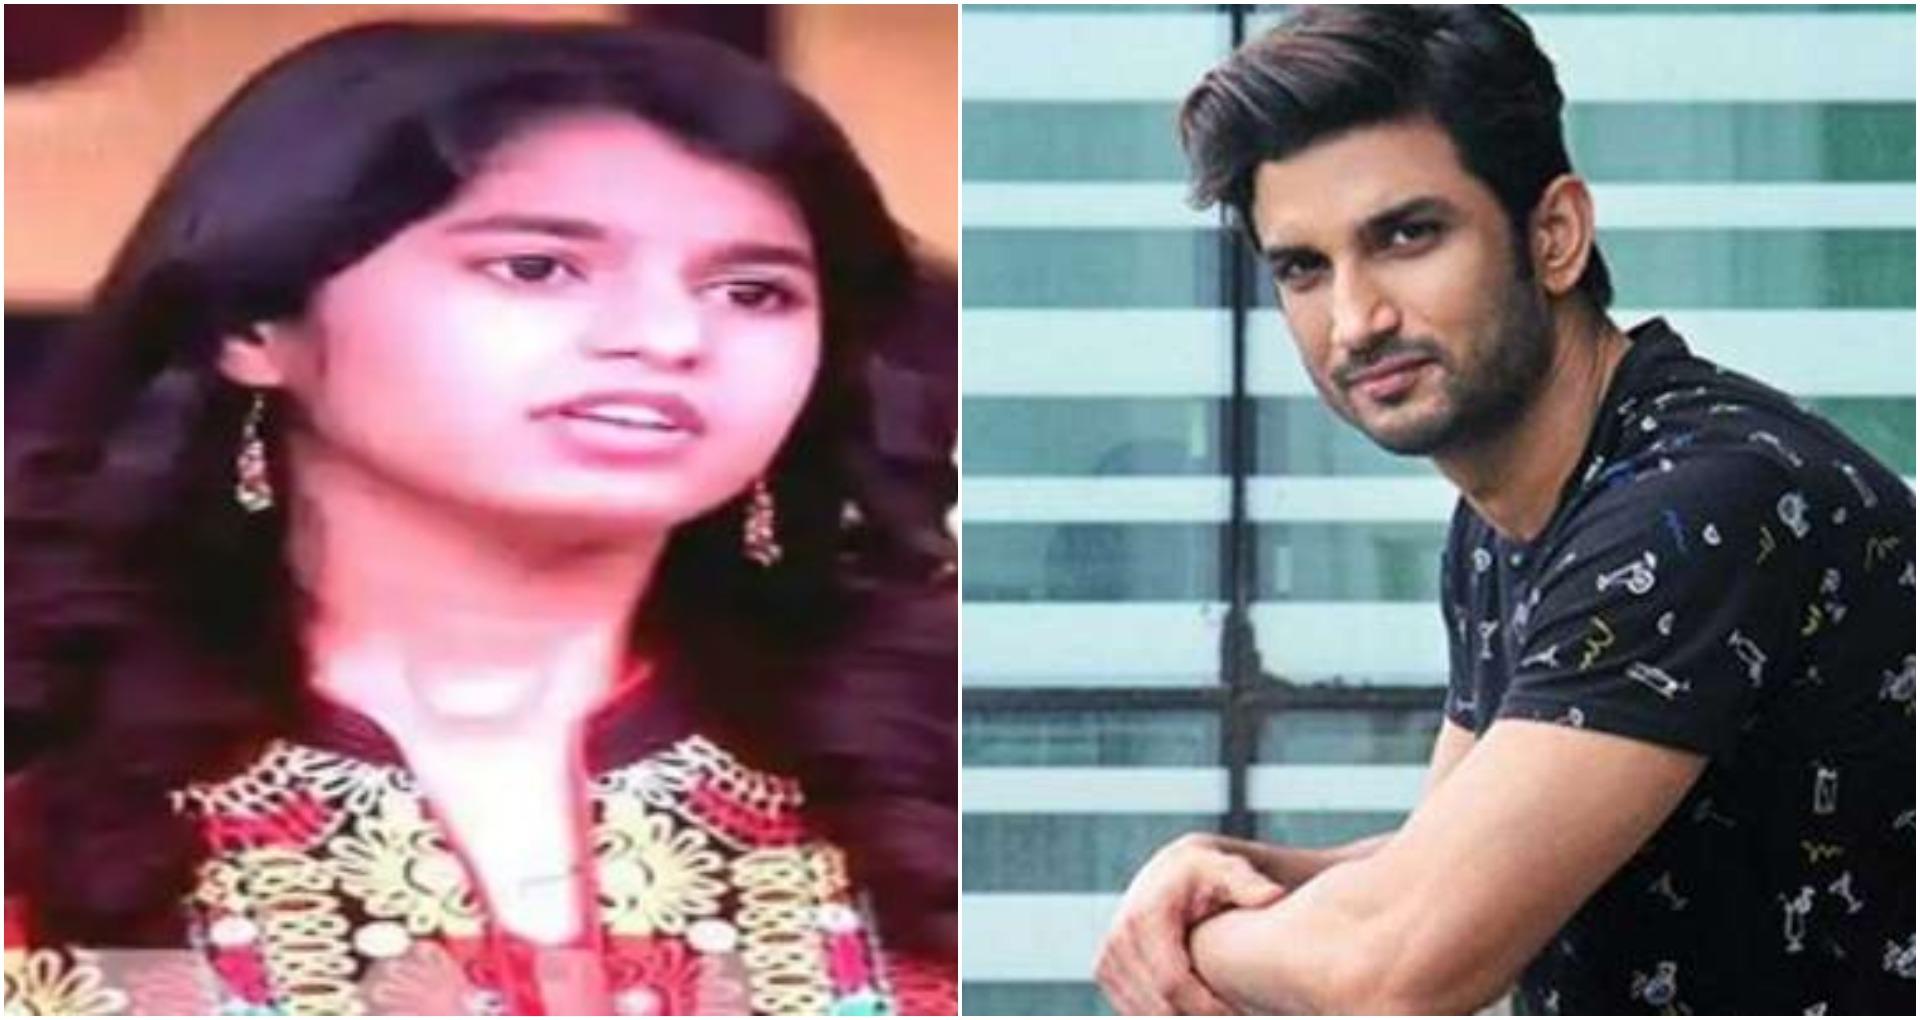 सुशांत सिंह राजपूत की आत्महत्या से दुखी हैं मैथिली ठाकुर, कहा- नहीं गाएंगी बॉलीवुड गाने